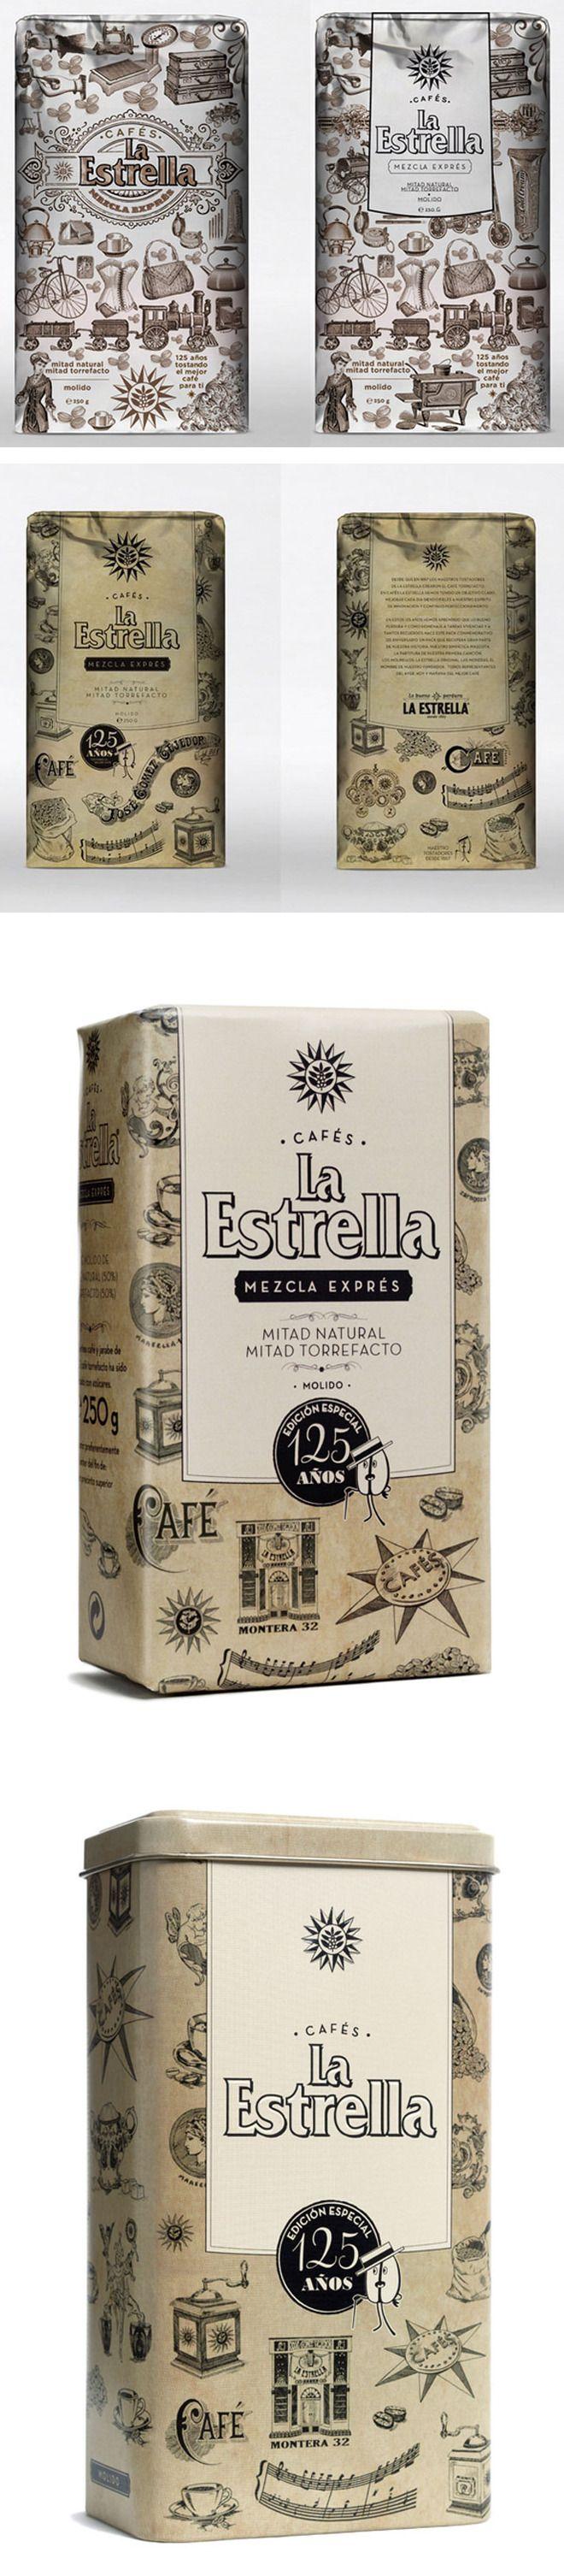 La Estrella 125th Anniversary #black #white #packaging